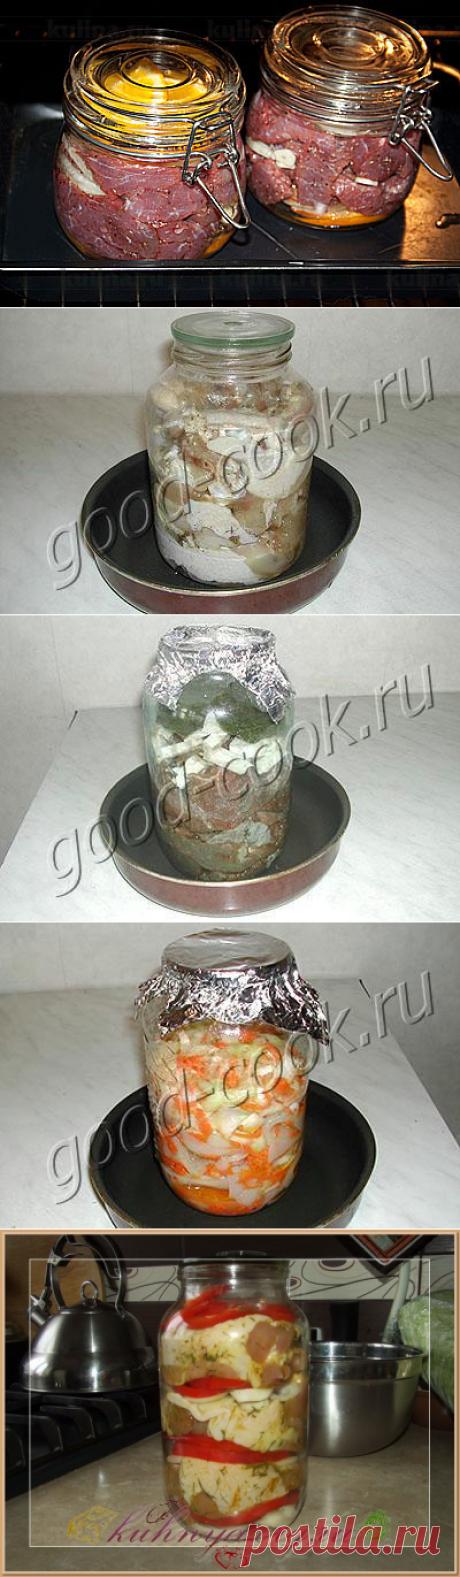 Приготовление еды в стеклянных банках – способ сохранить все полезные свойства продуктов. Рецепты приготовления. Много и разных.Обсуждение на LiveInternet - Российский Сервис Онлайн-Дневников